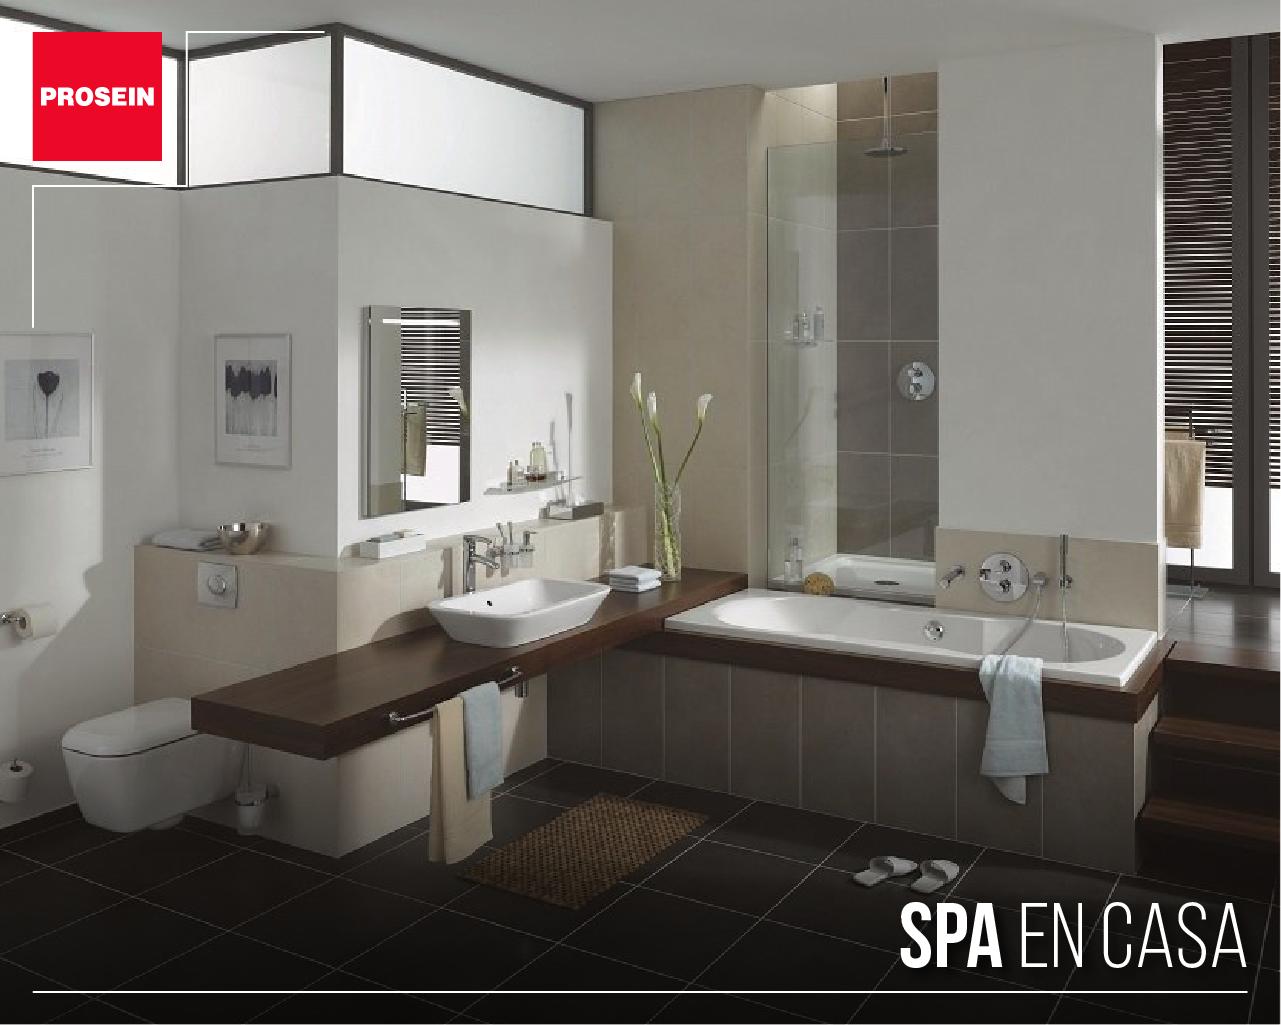 Los colores neutros en el baño son capaces de transmitir serenidad y crean una atmósfera de pequeño spa